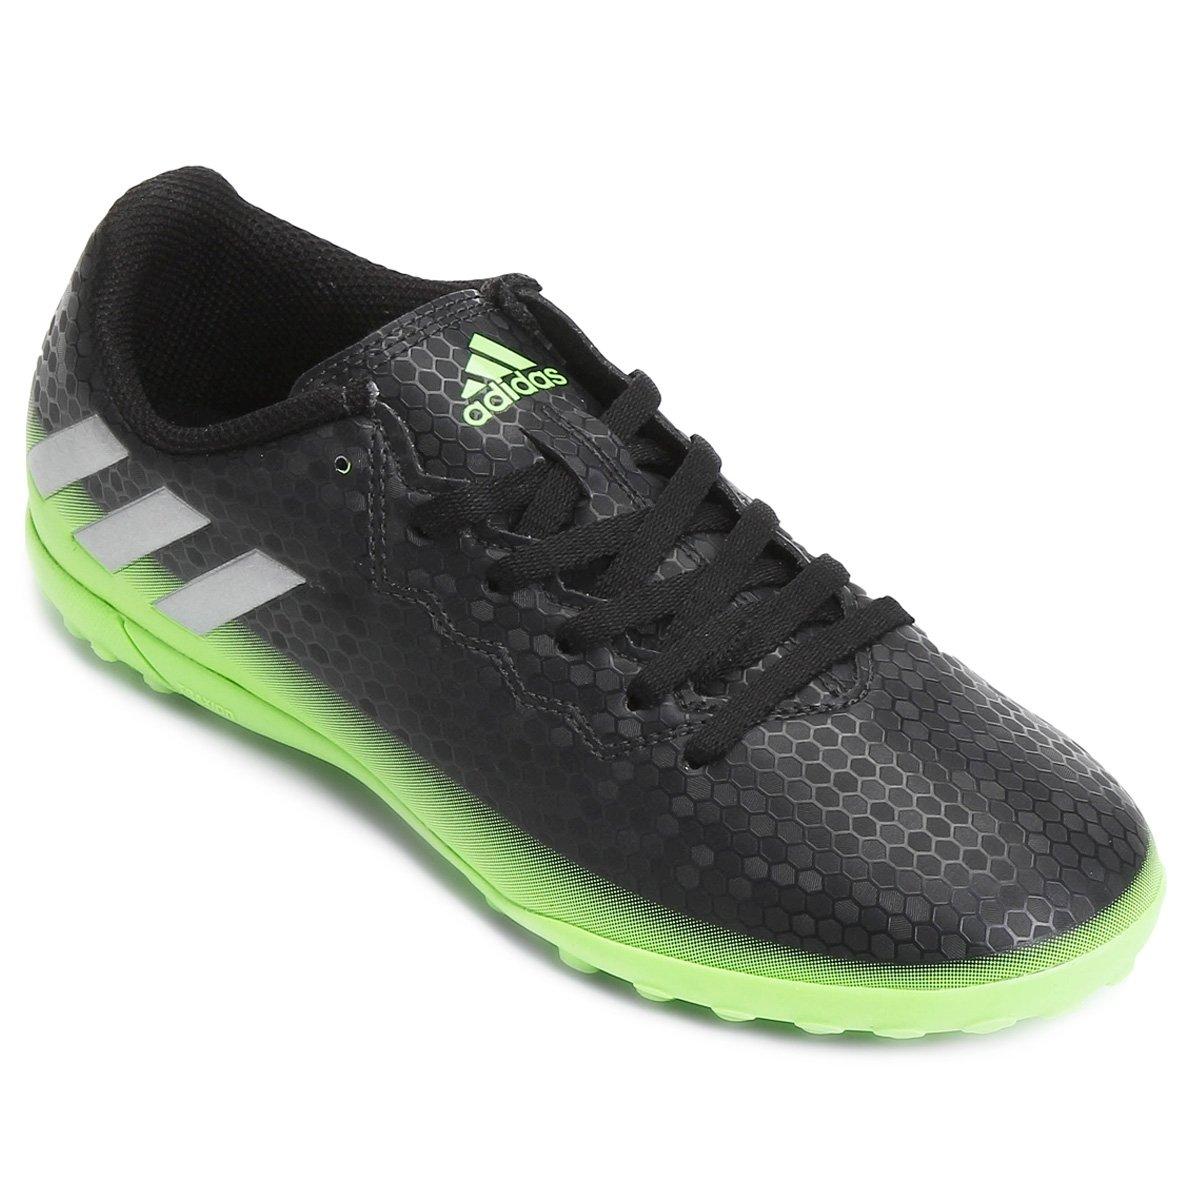 7c7881447afe7 Chuteira De Society Adidas Messi 16.4 Tf Juvenil - Compre Agora ...